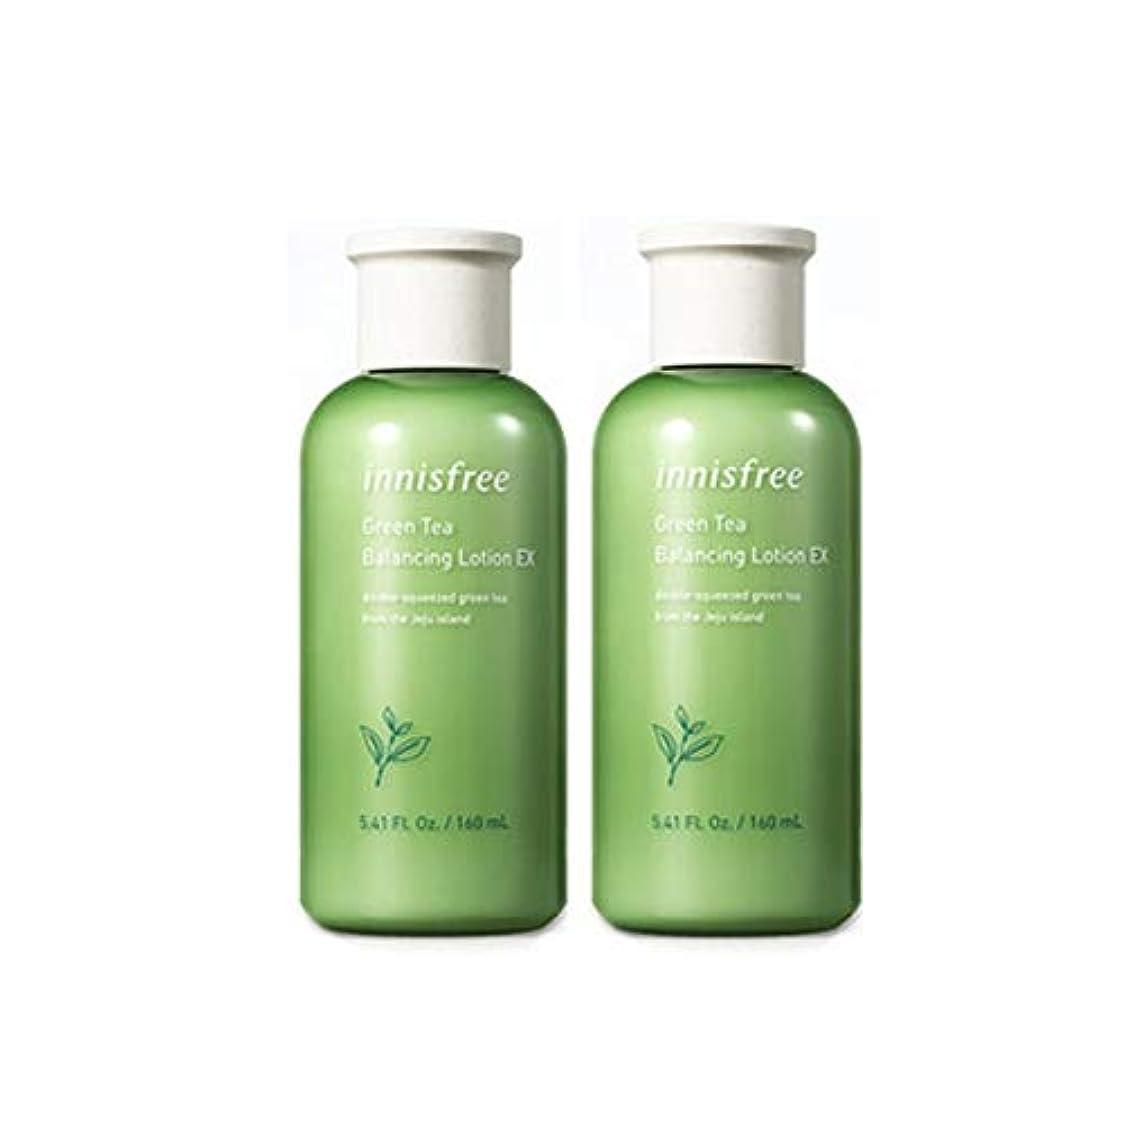 バイオリンワードローブ嬉しいですイニスフリーグリーンティーバランシングローション160mlx 2本セット水分ローション韓国コスメ、innisfree Green Tea Balancing Lotion 160ml x 2ea Set Korean Cosmetics...